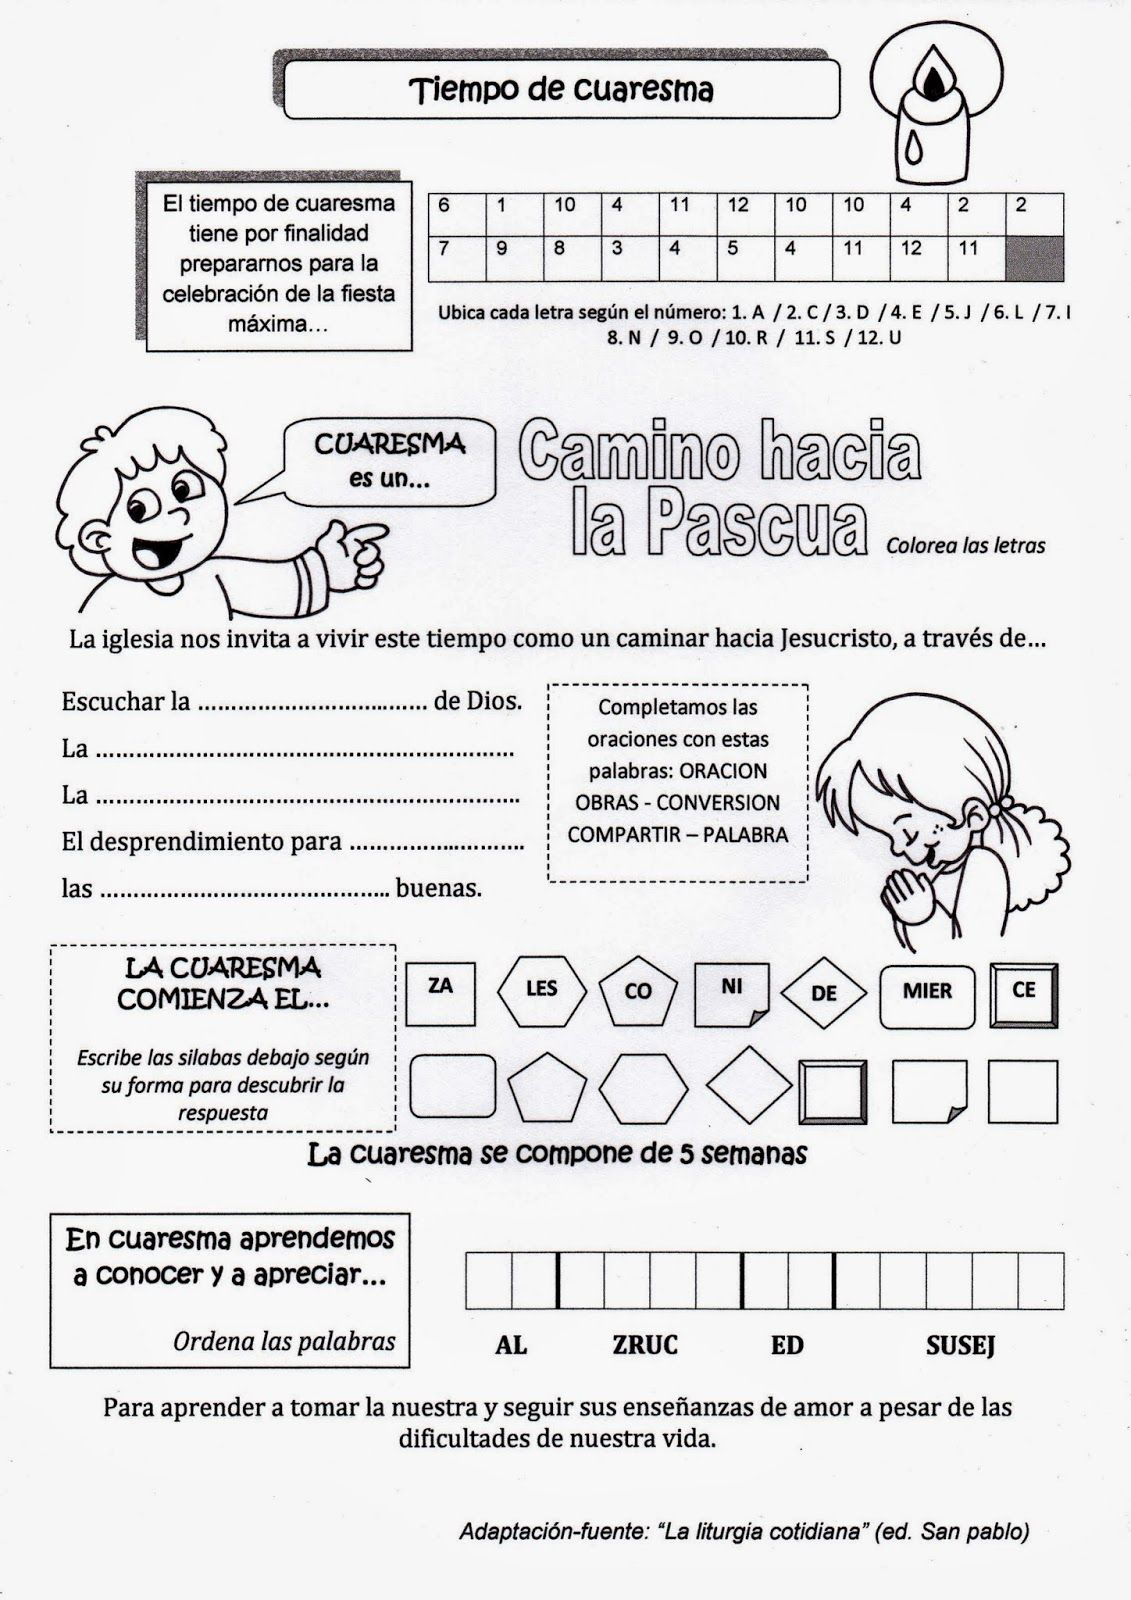 La Catequesis Explicación Sencilla Para Niños De La Cuaresma Con Un